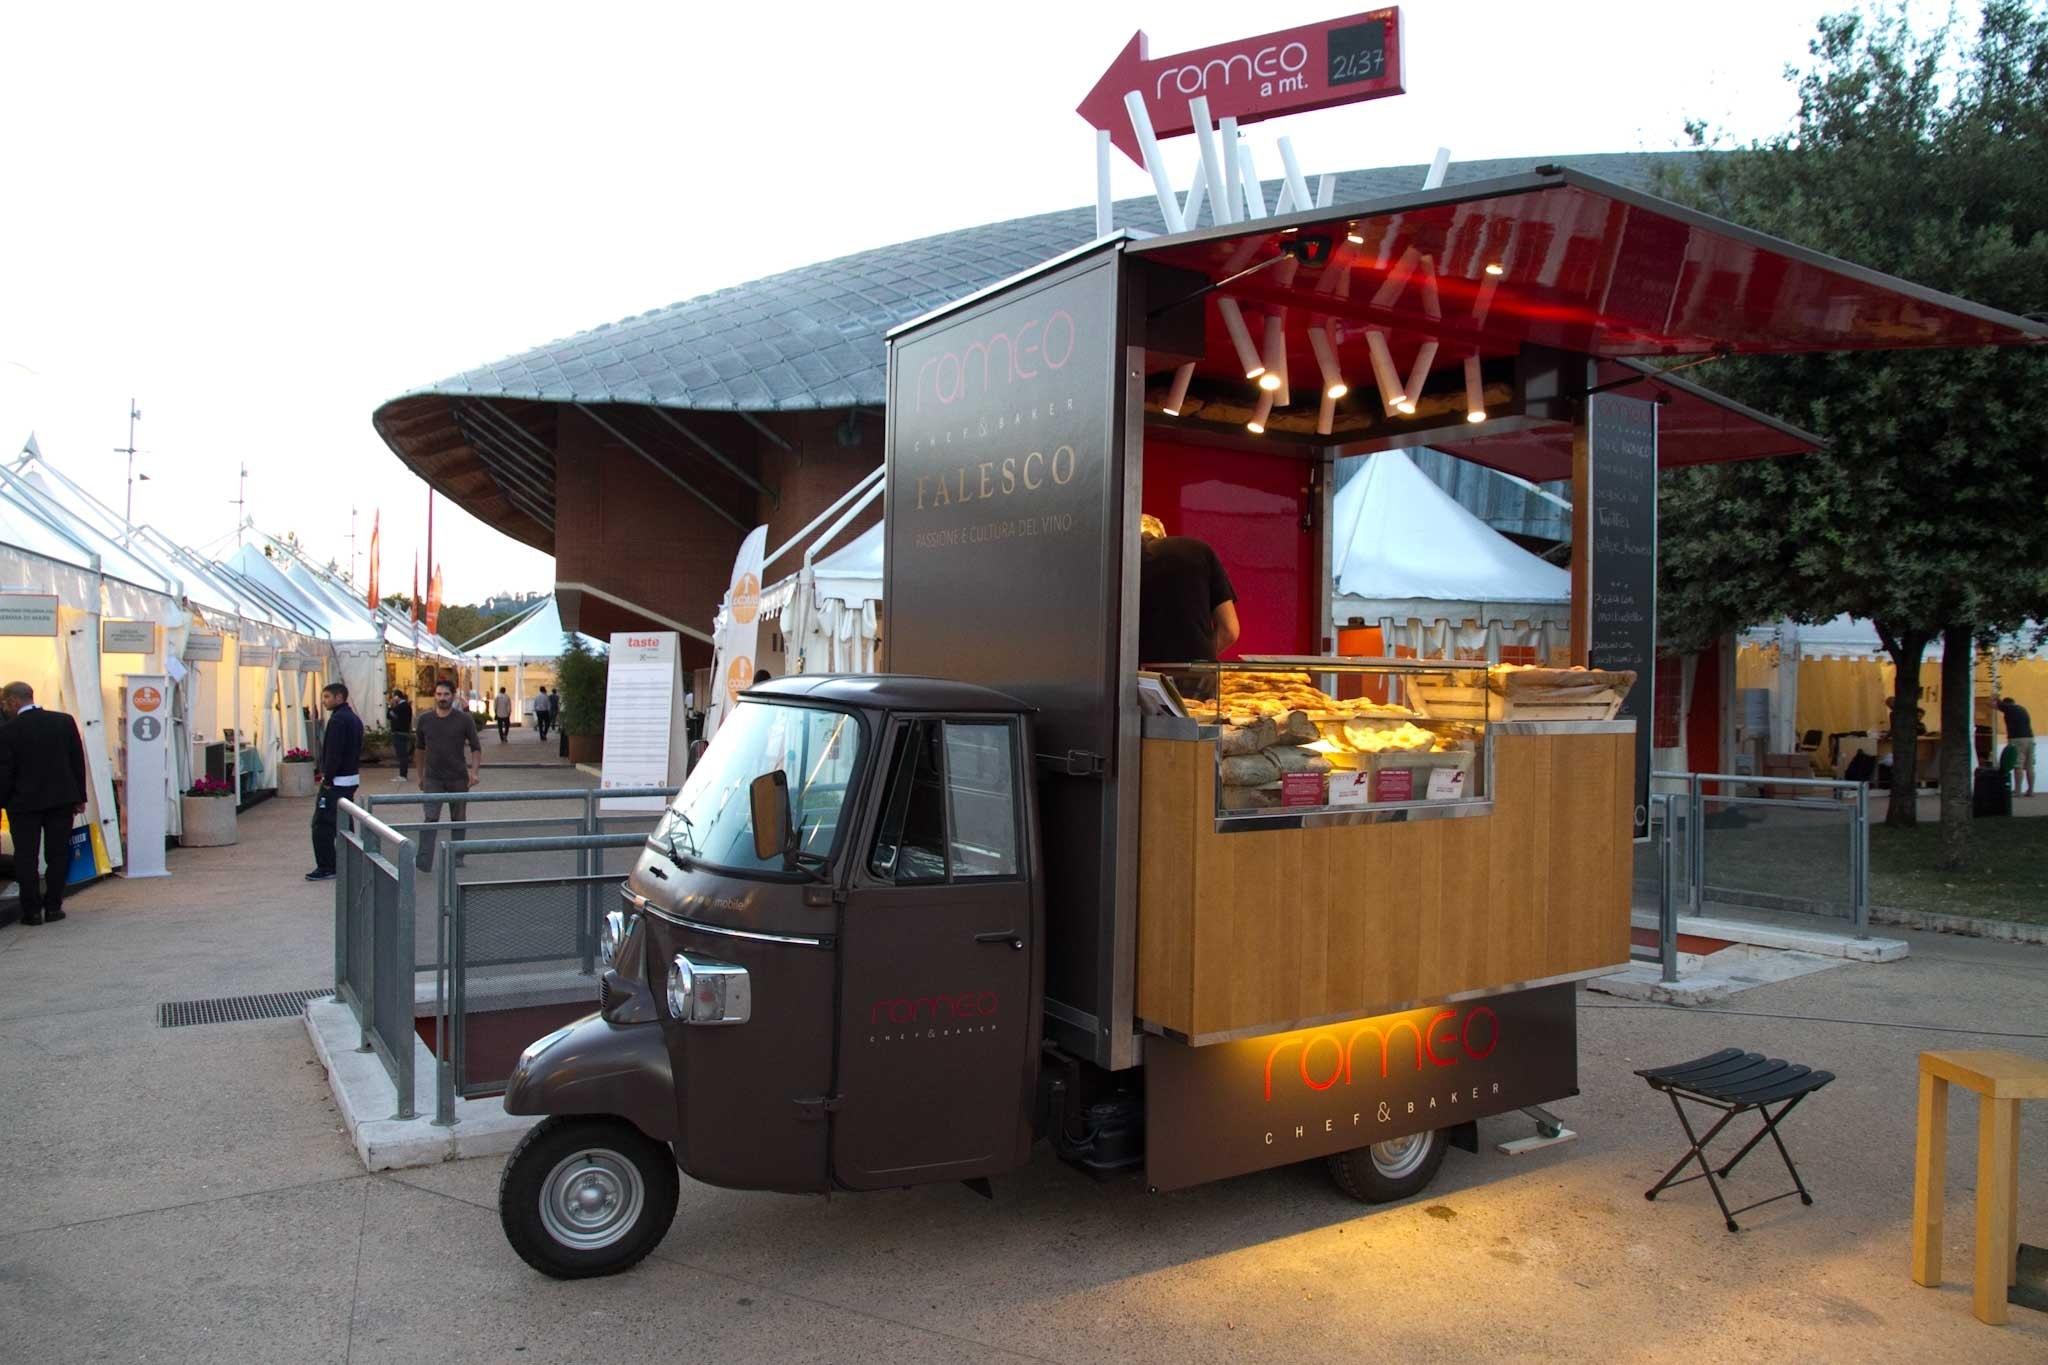 Vuoi Aprire Un Food Truck? Dai Requisiti Alle Autorizzazioni, Ecco Tutte Le  Tappe Da Seguire